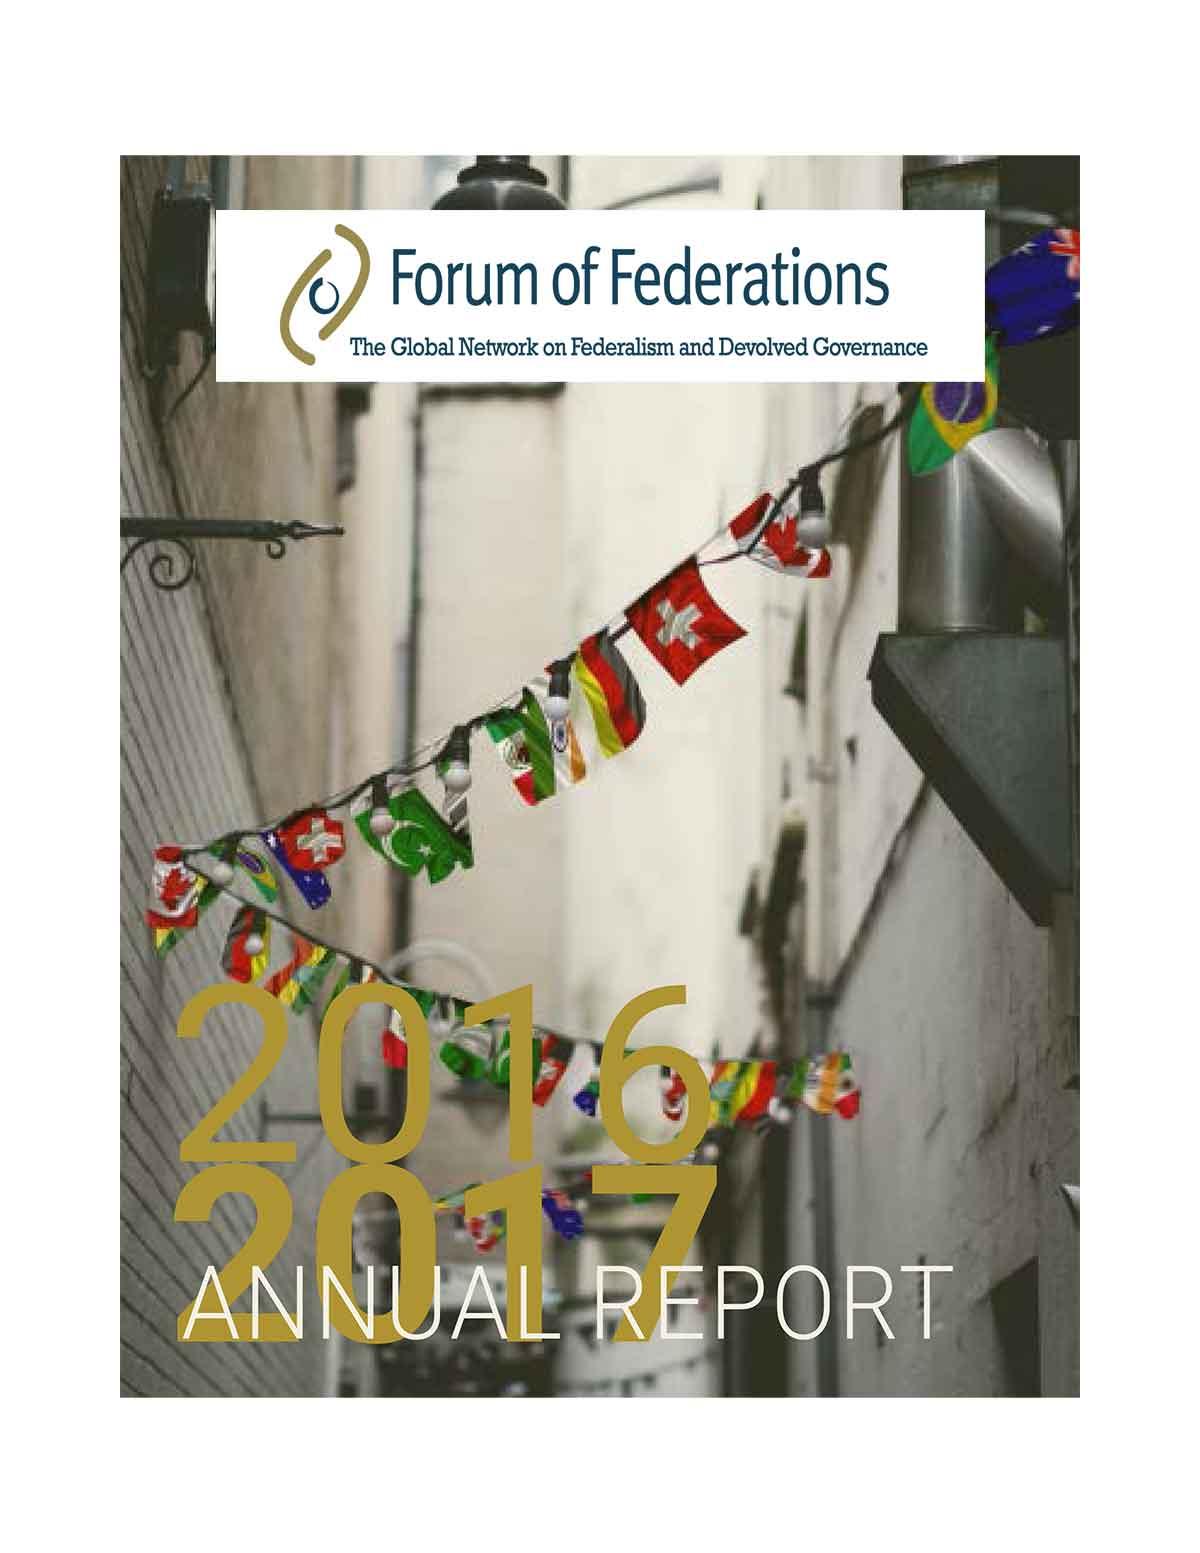 AnnualReport2016_2017